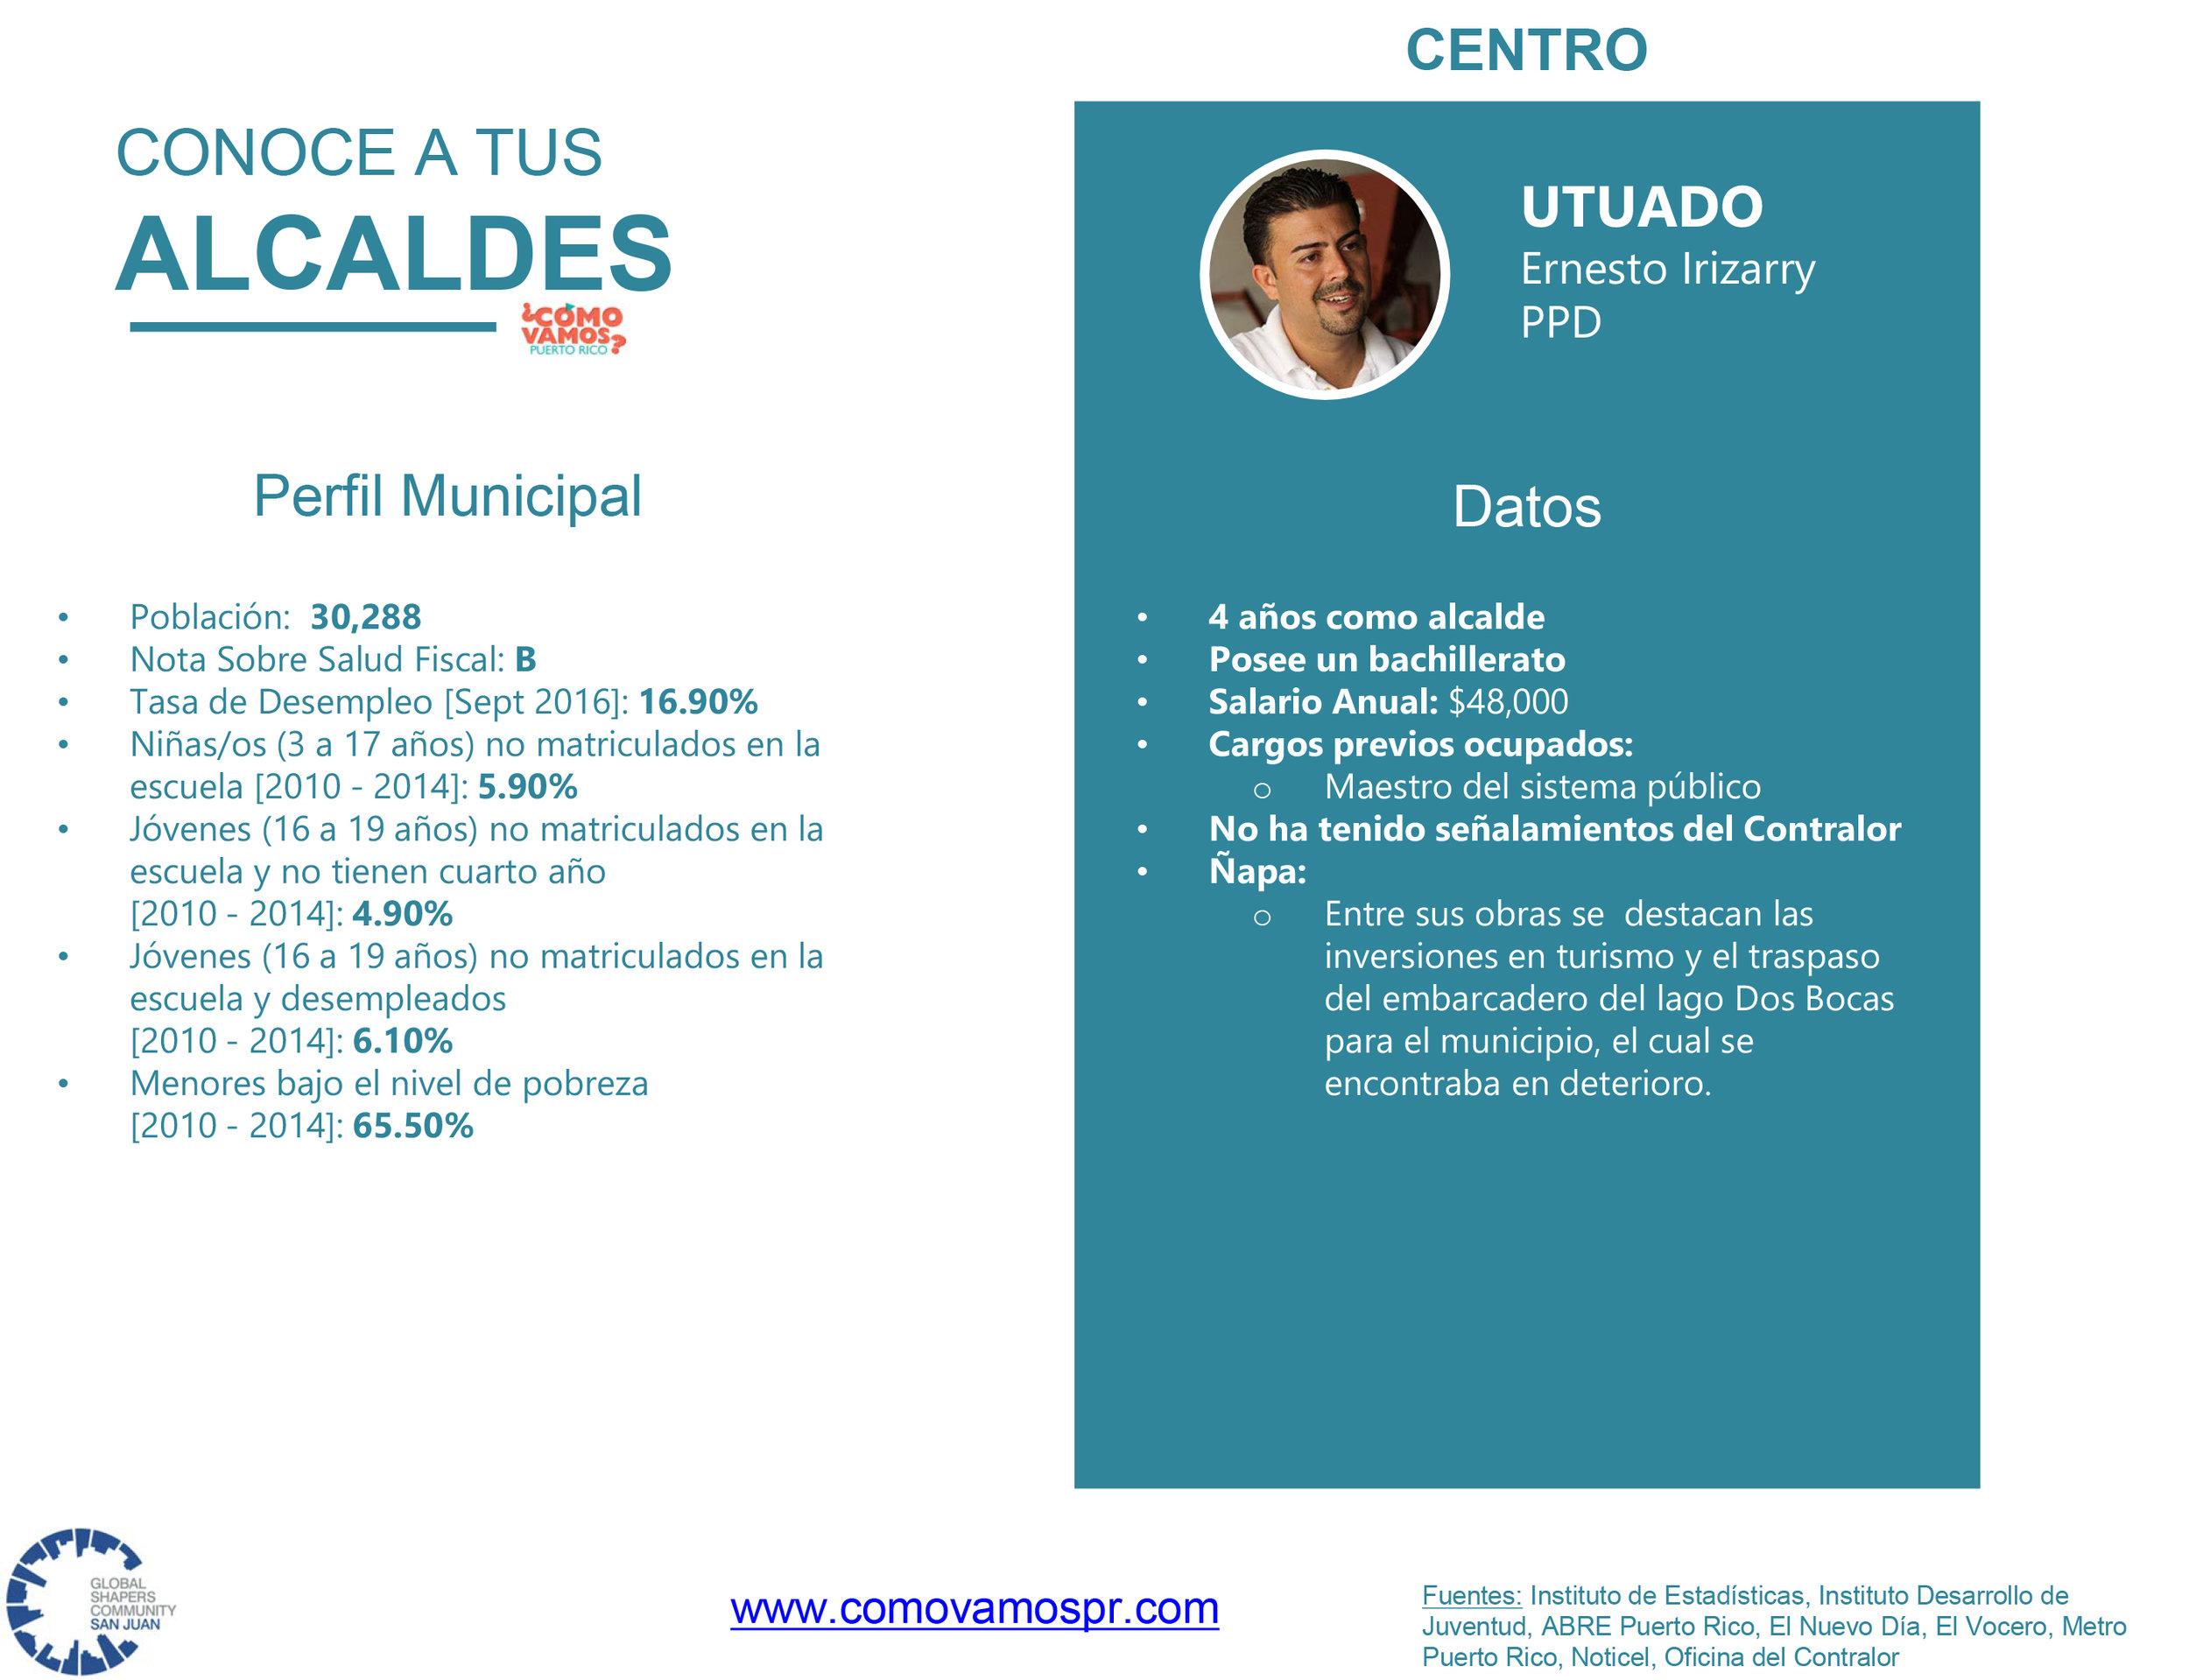 Alcaldes_Centro_Utuado.jpg